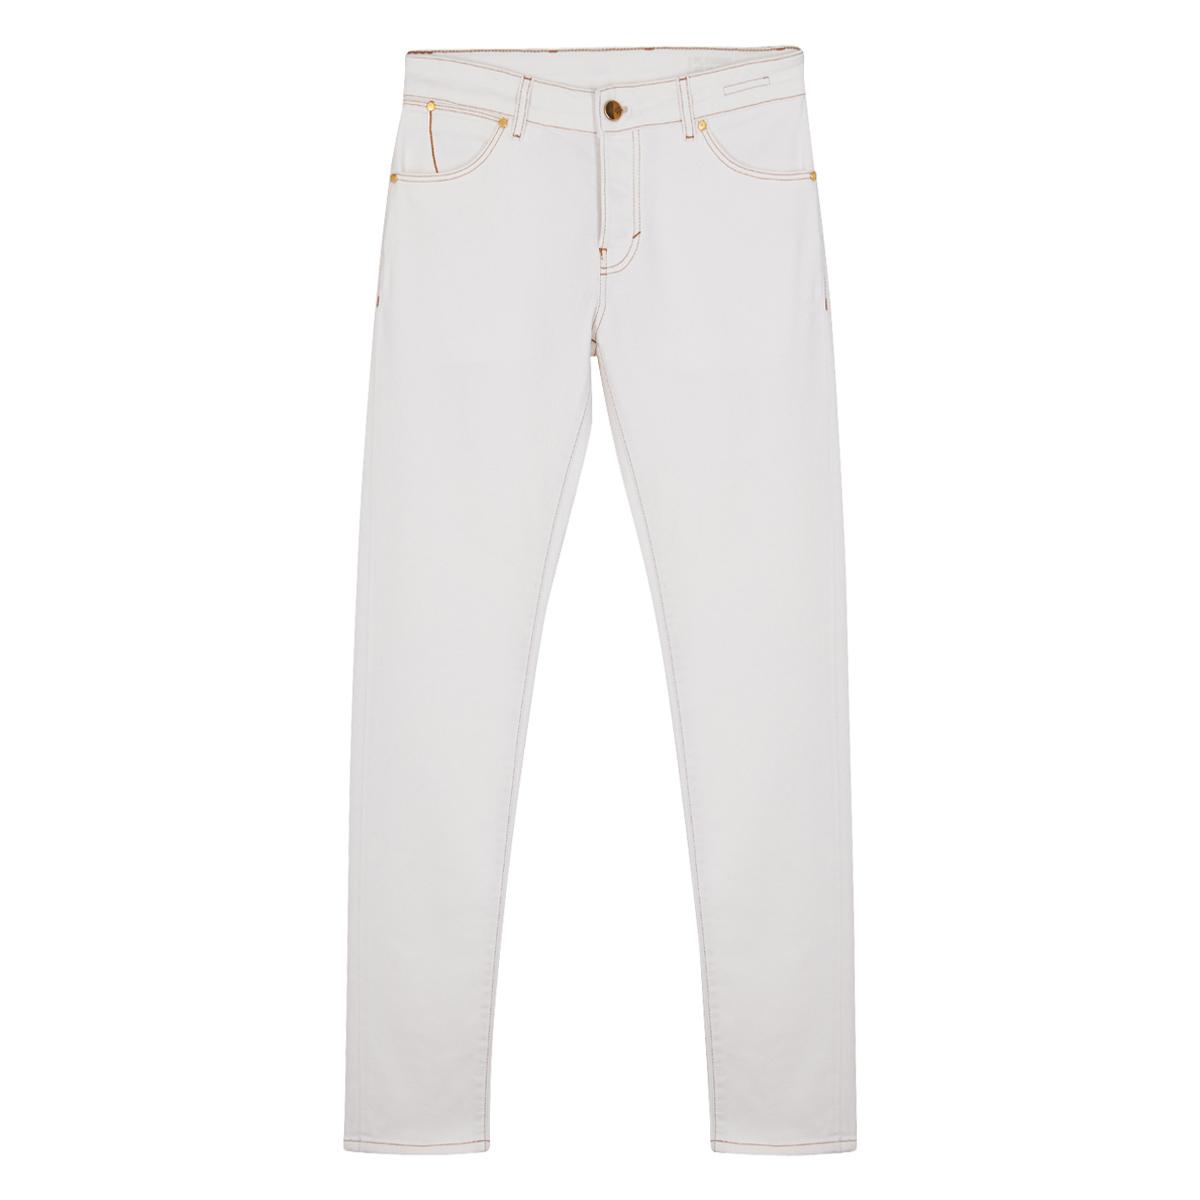 White Smoke Cotton Denim Jeans